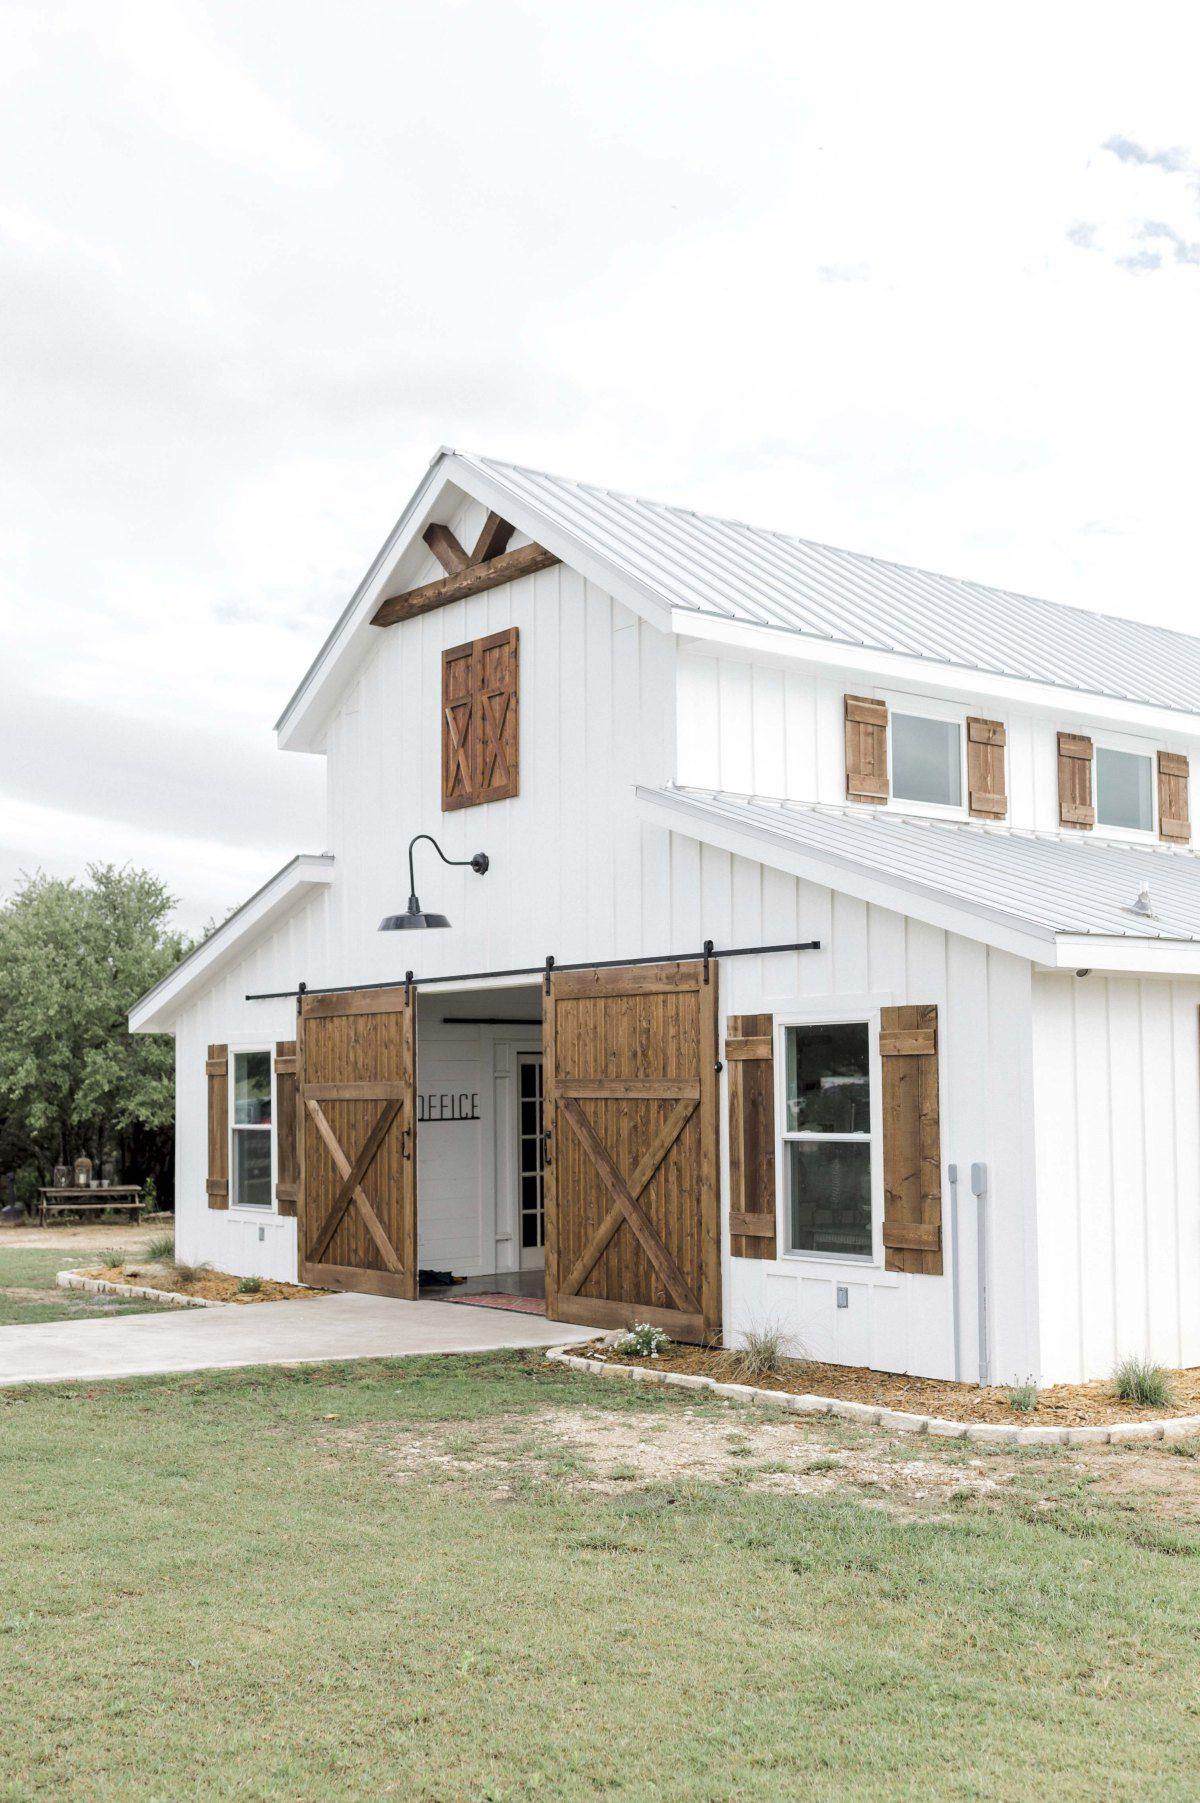 Blaithin Marcus Five Oaks Farm Wedding Barn Style House Barn House Plans Modern Farmhouse Design